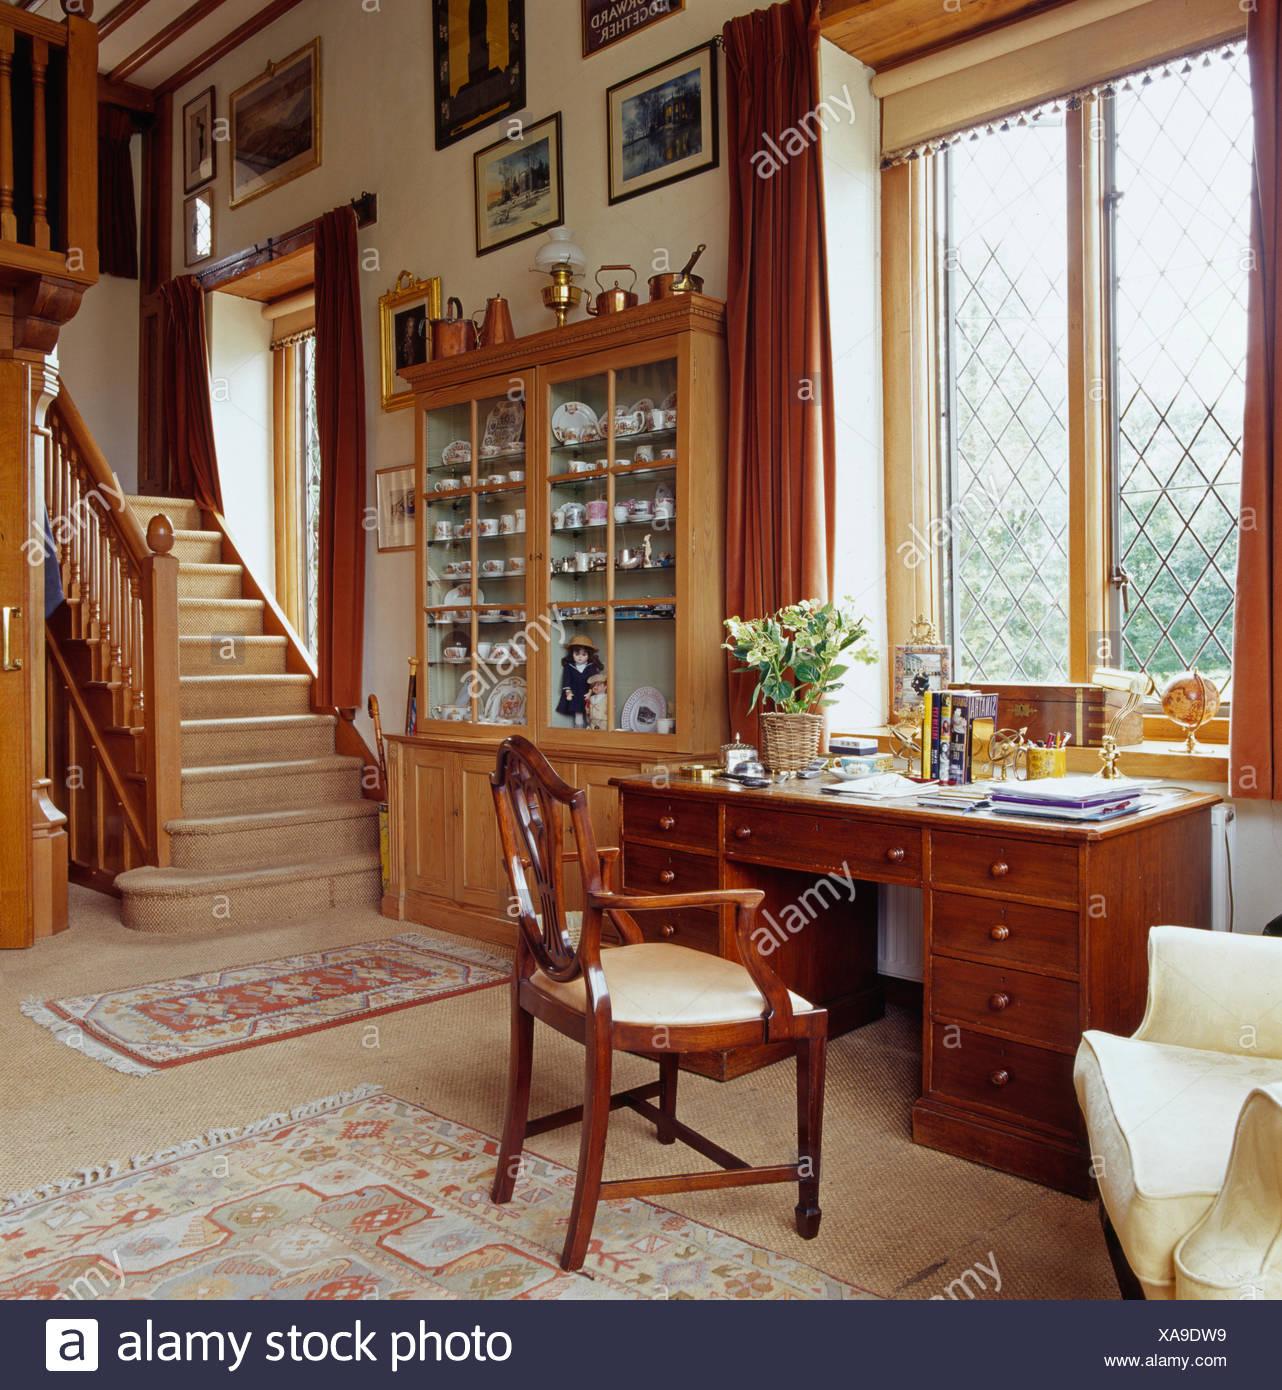 Country hall staircase stockfotos country hall staircase bilder alamy - Schreibtisch vor fenster ...